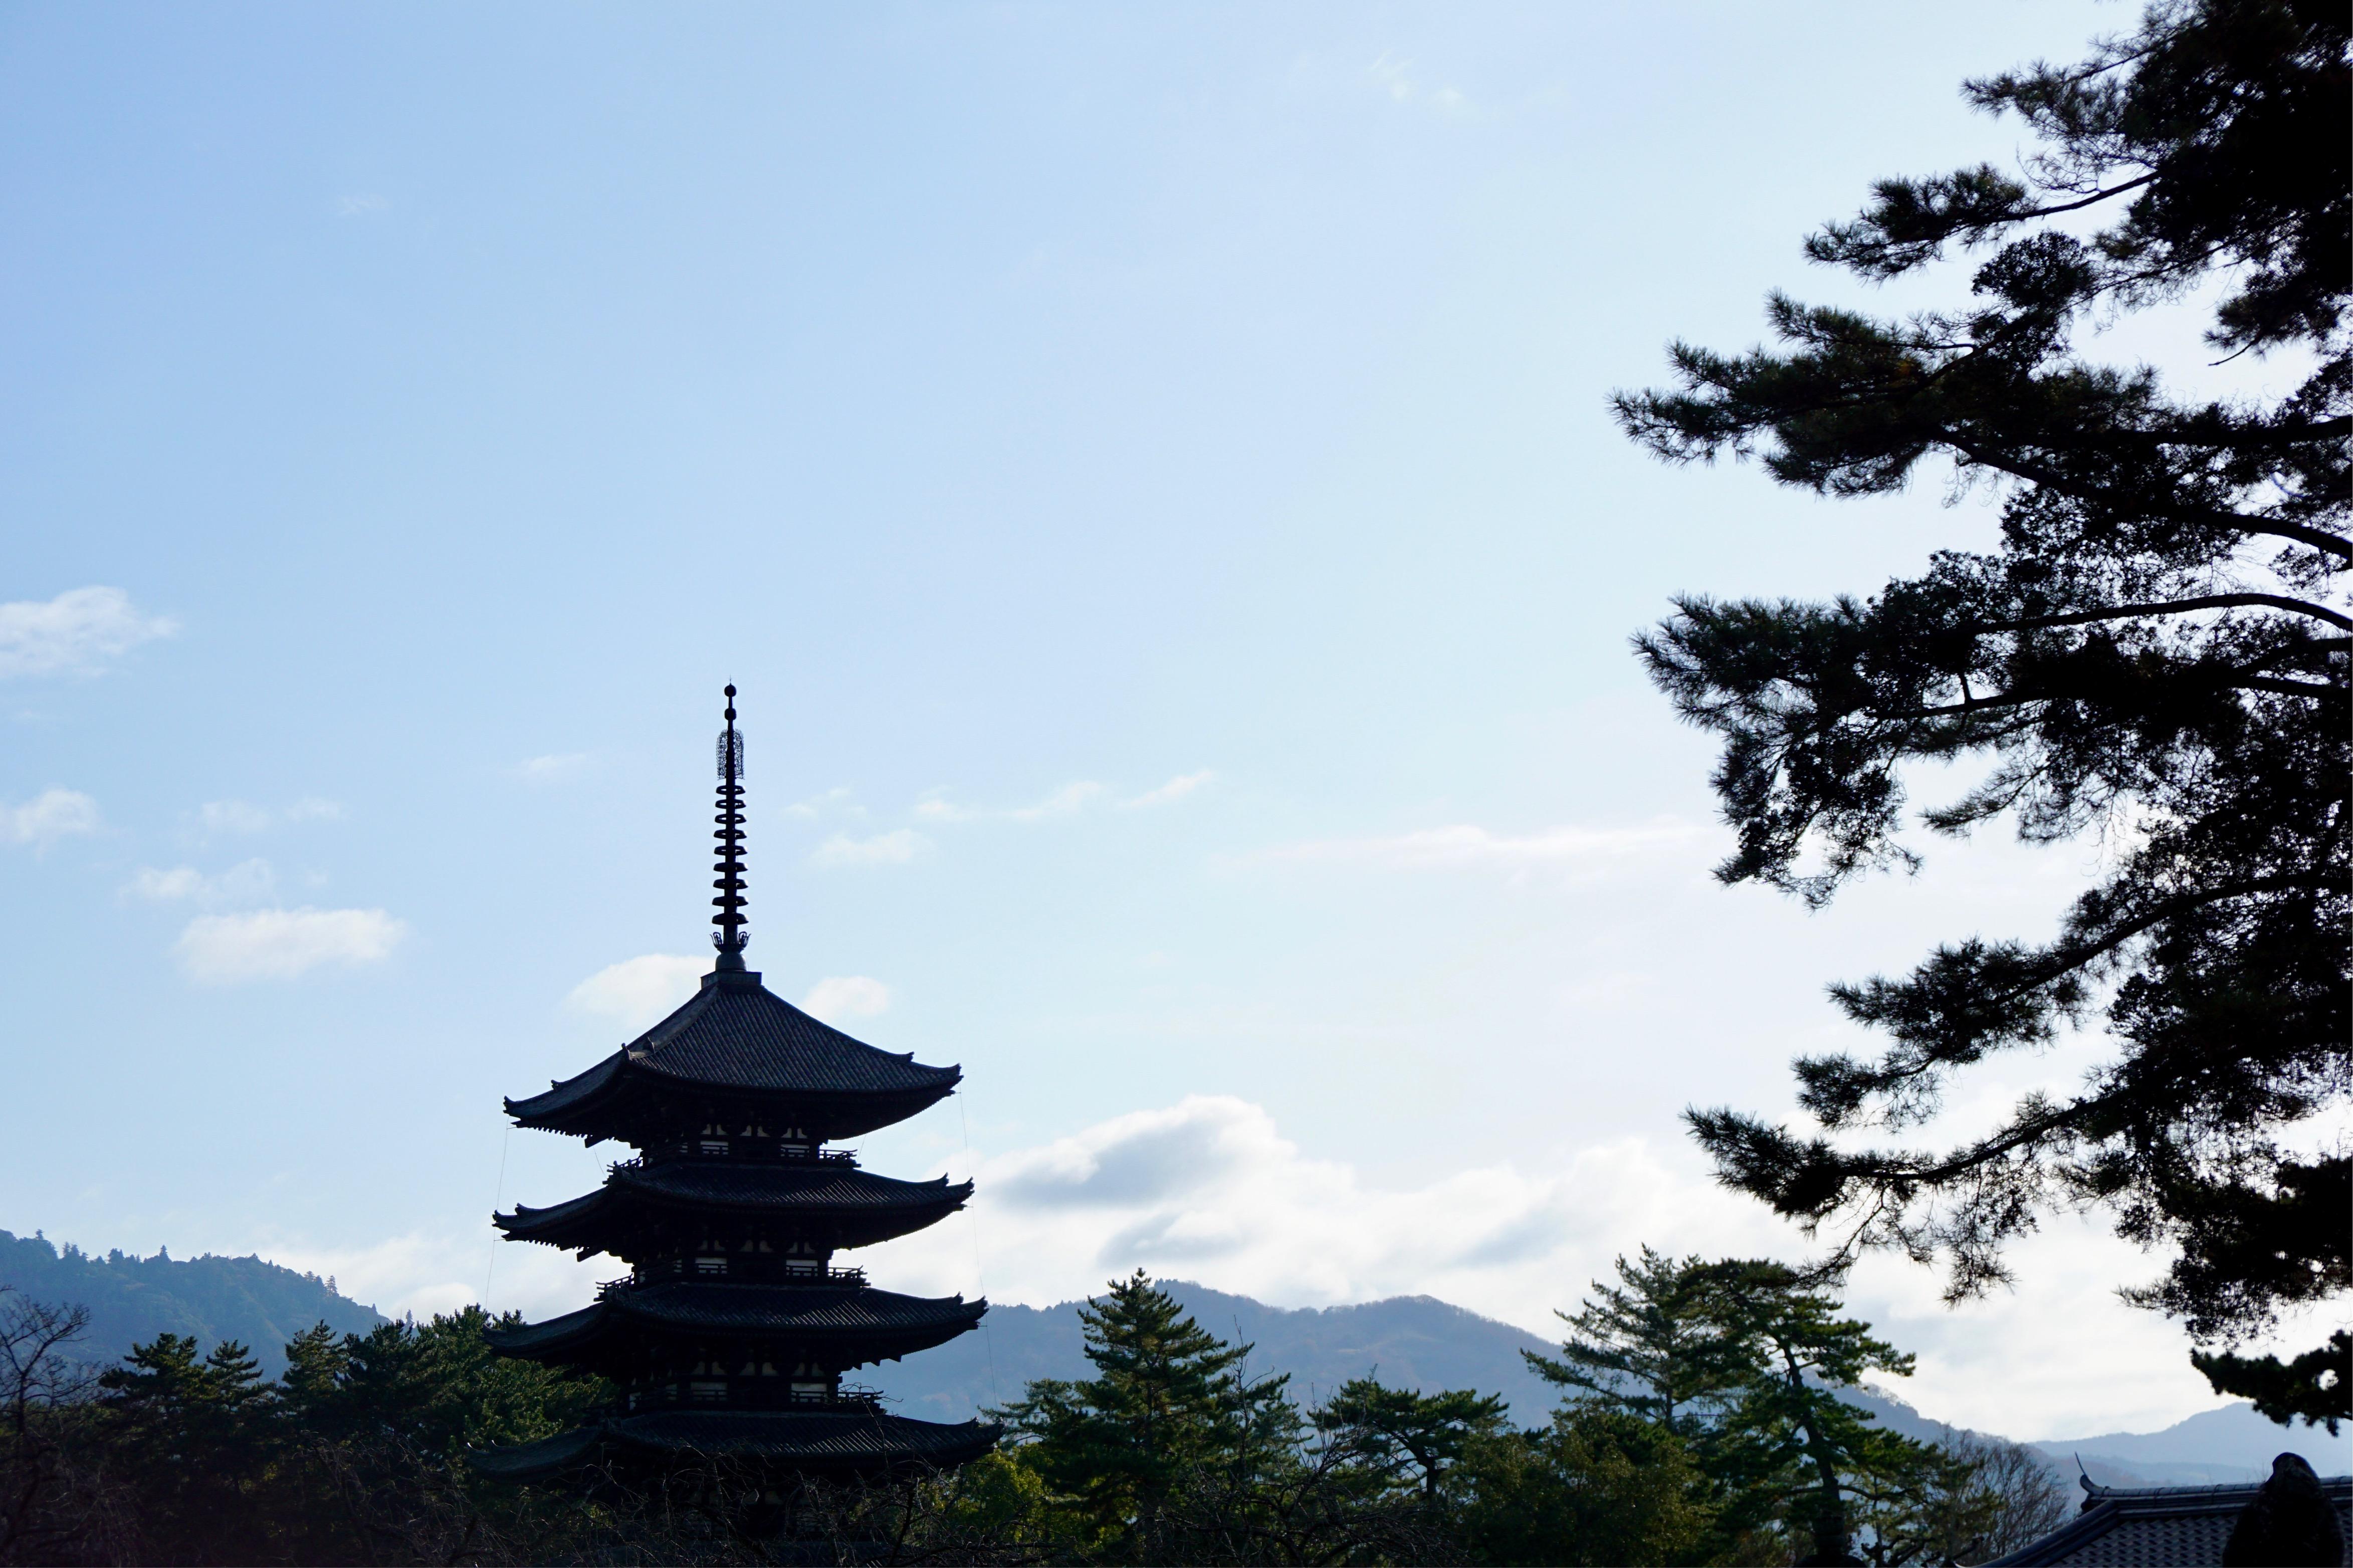 興福寺の五重塔もすっかり冬景色です。